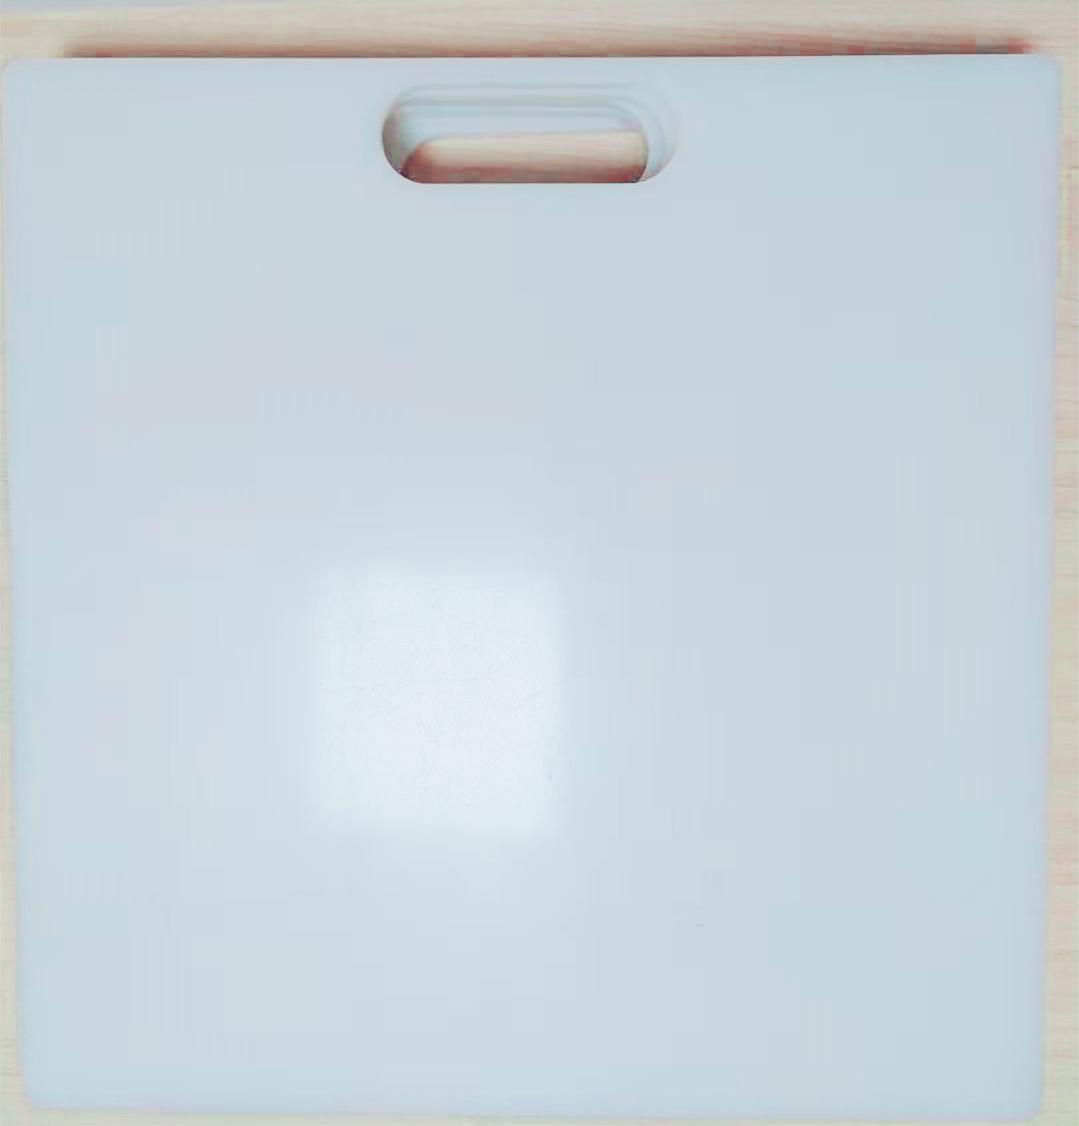 New push square kitchen board